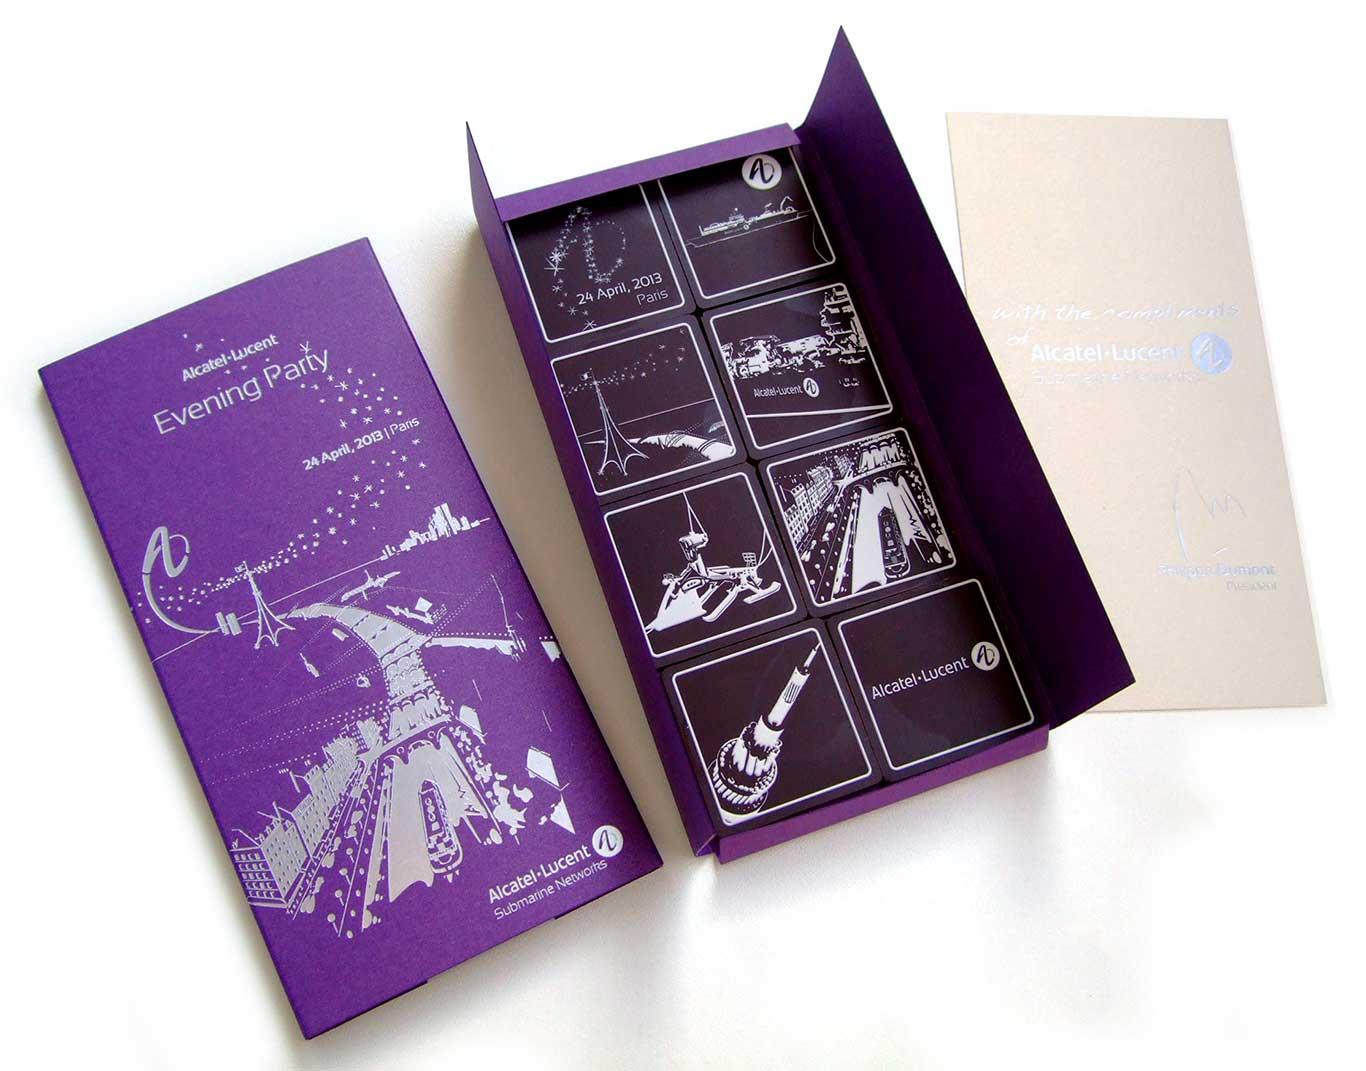 Packaging boite à chocolat de l'Evening party d'Alcatel-Lucent